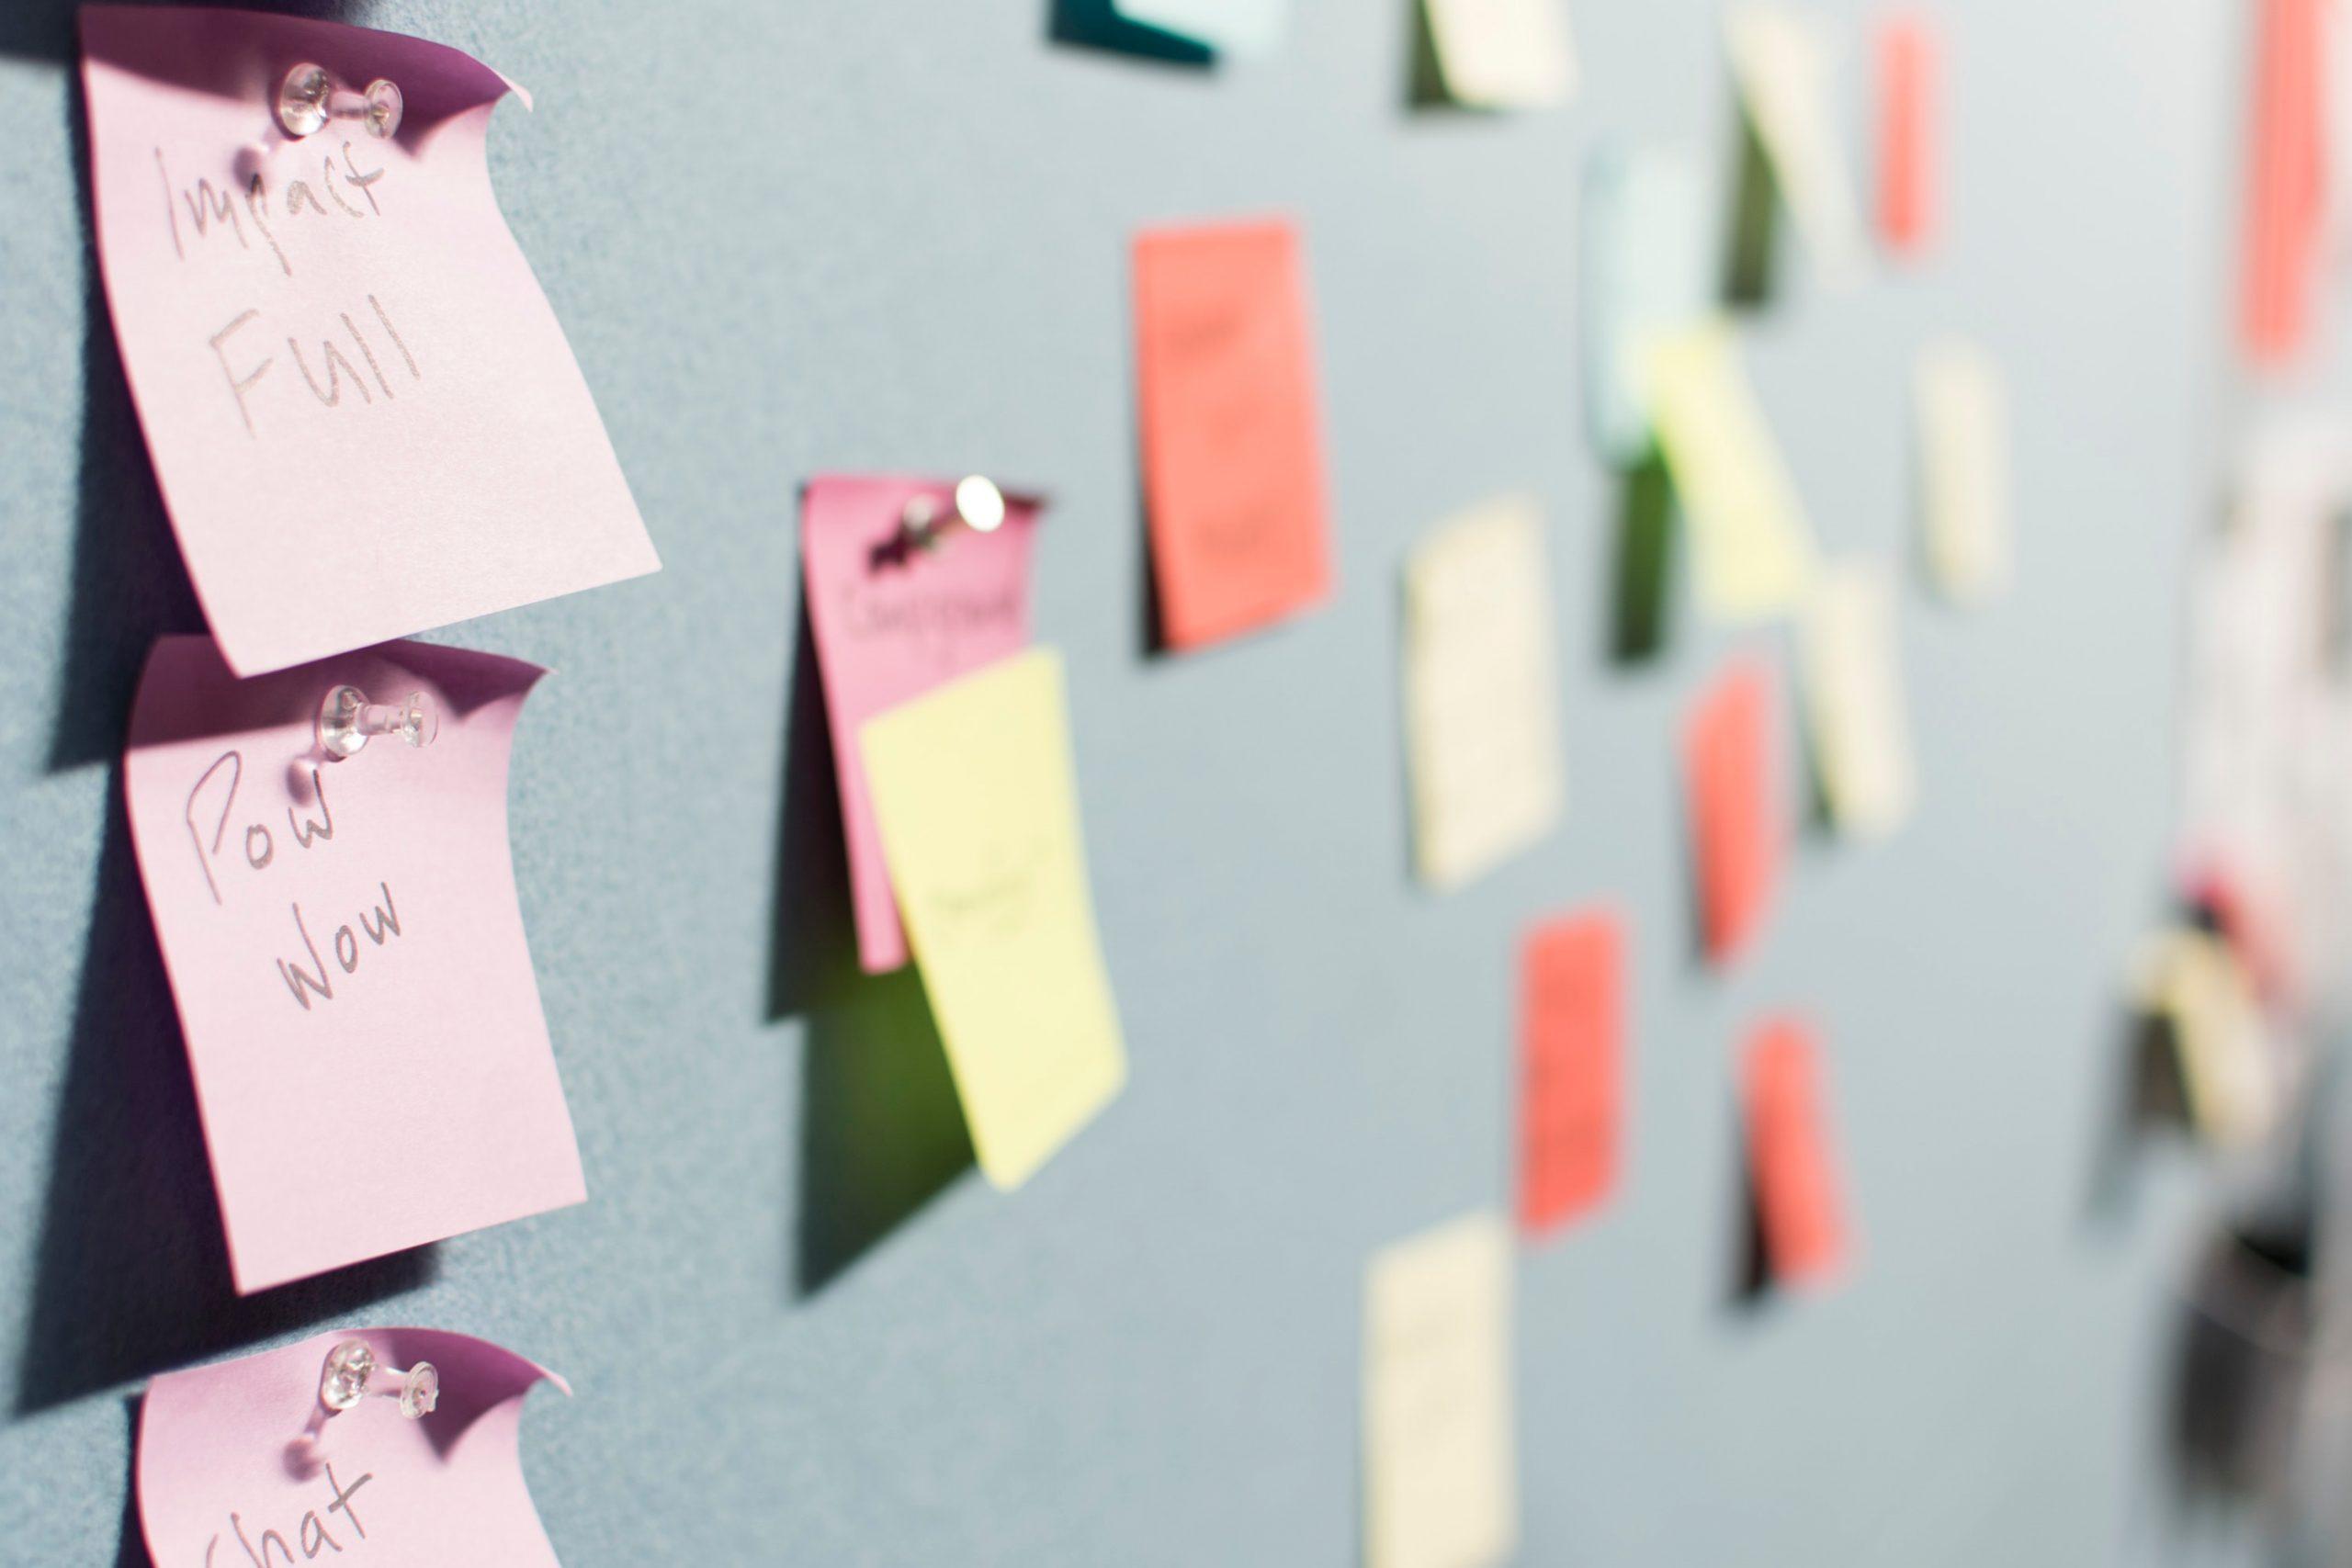 marketing agency - postit notes